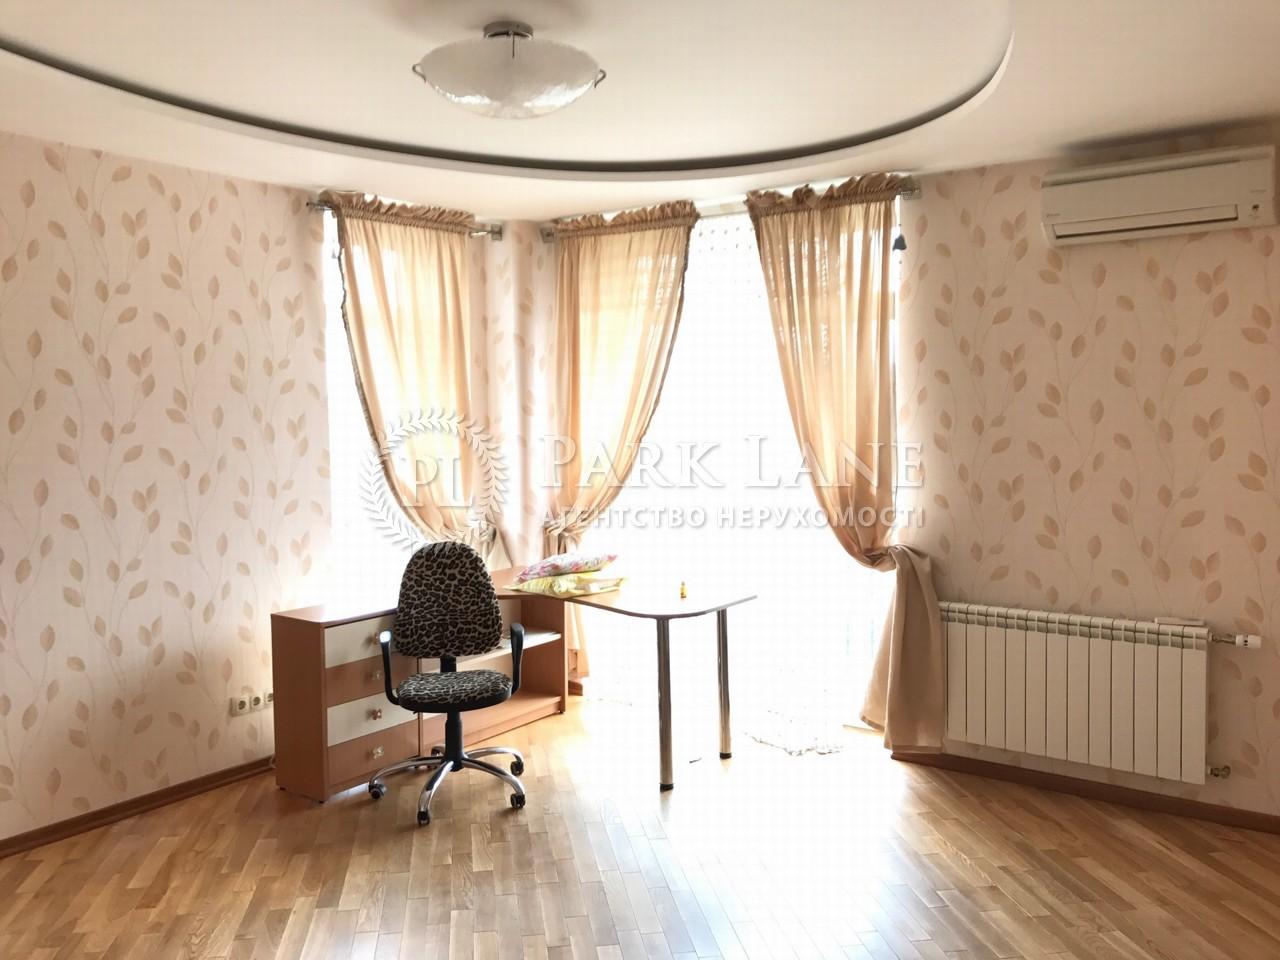 Квартира ул. Дашавская, 25, Киев, Z-229234 - Фото 8